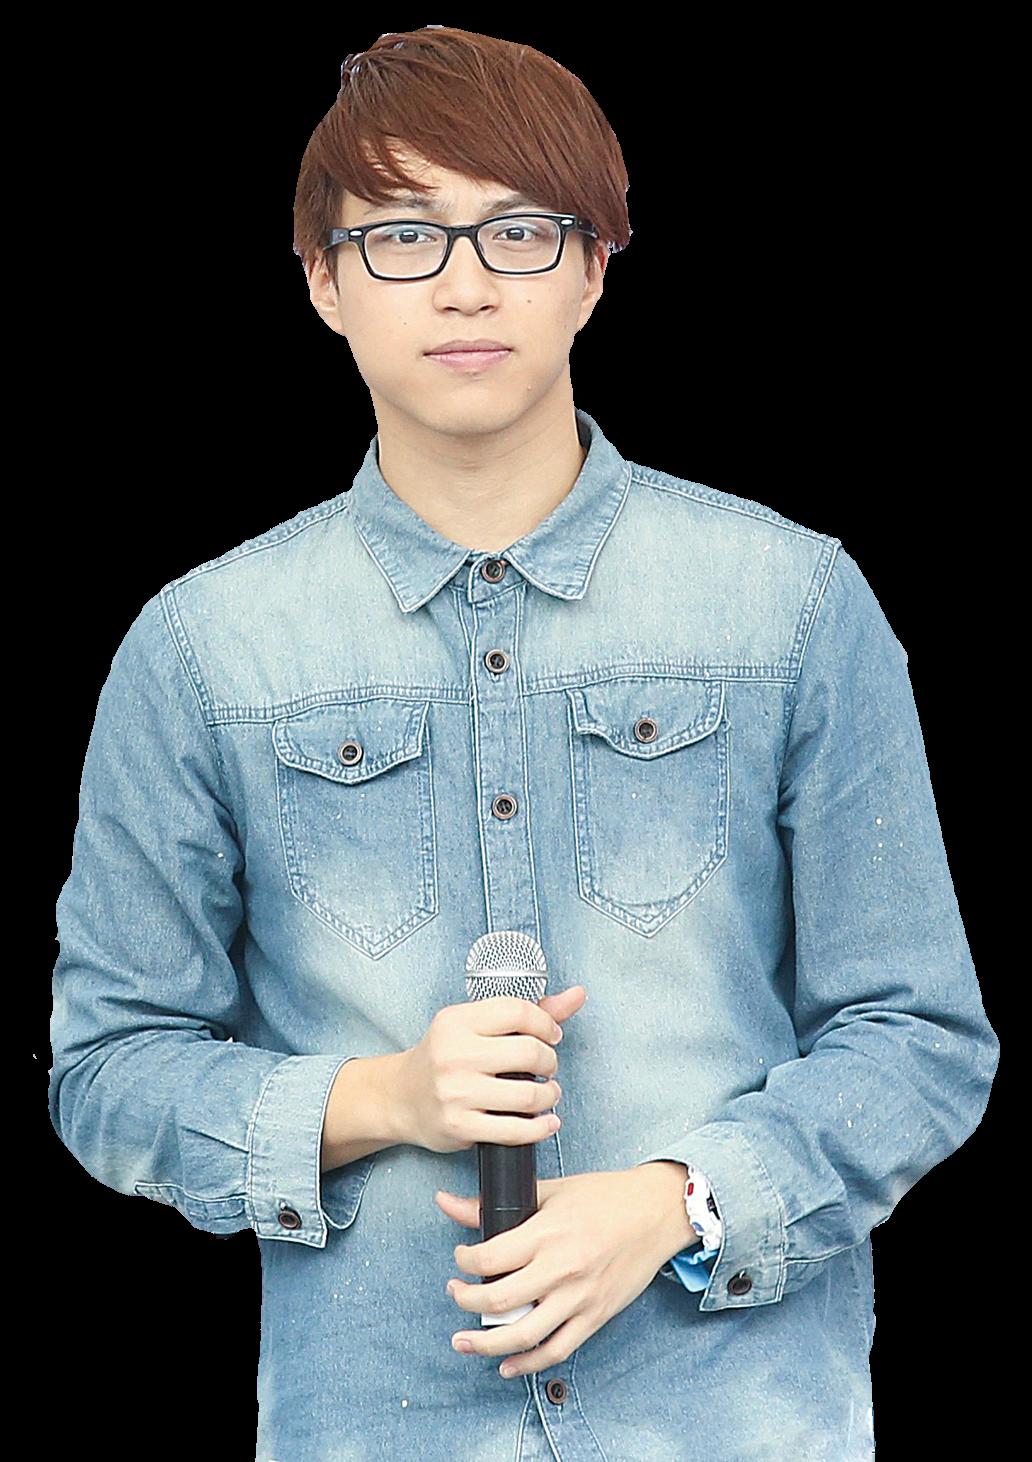 吳業坤忙於籌備演唱會綵排及拍劇。(網絡圖片)